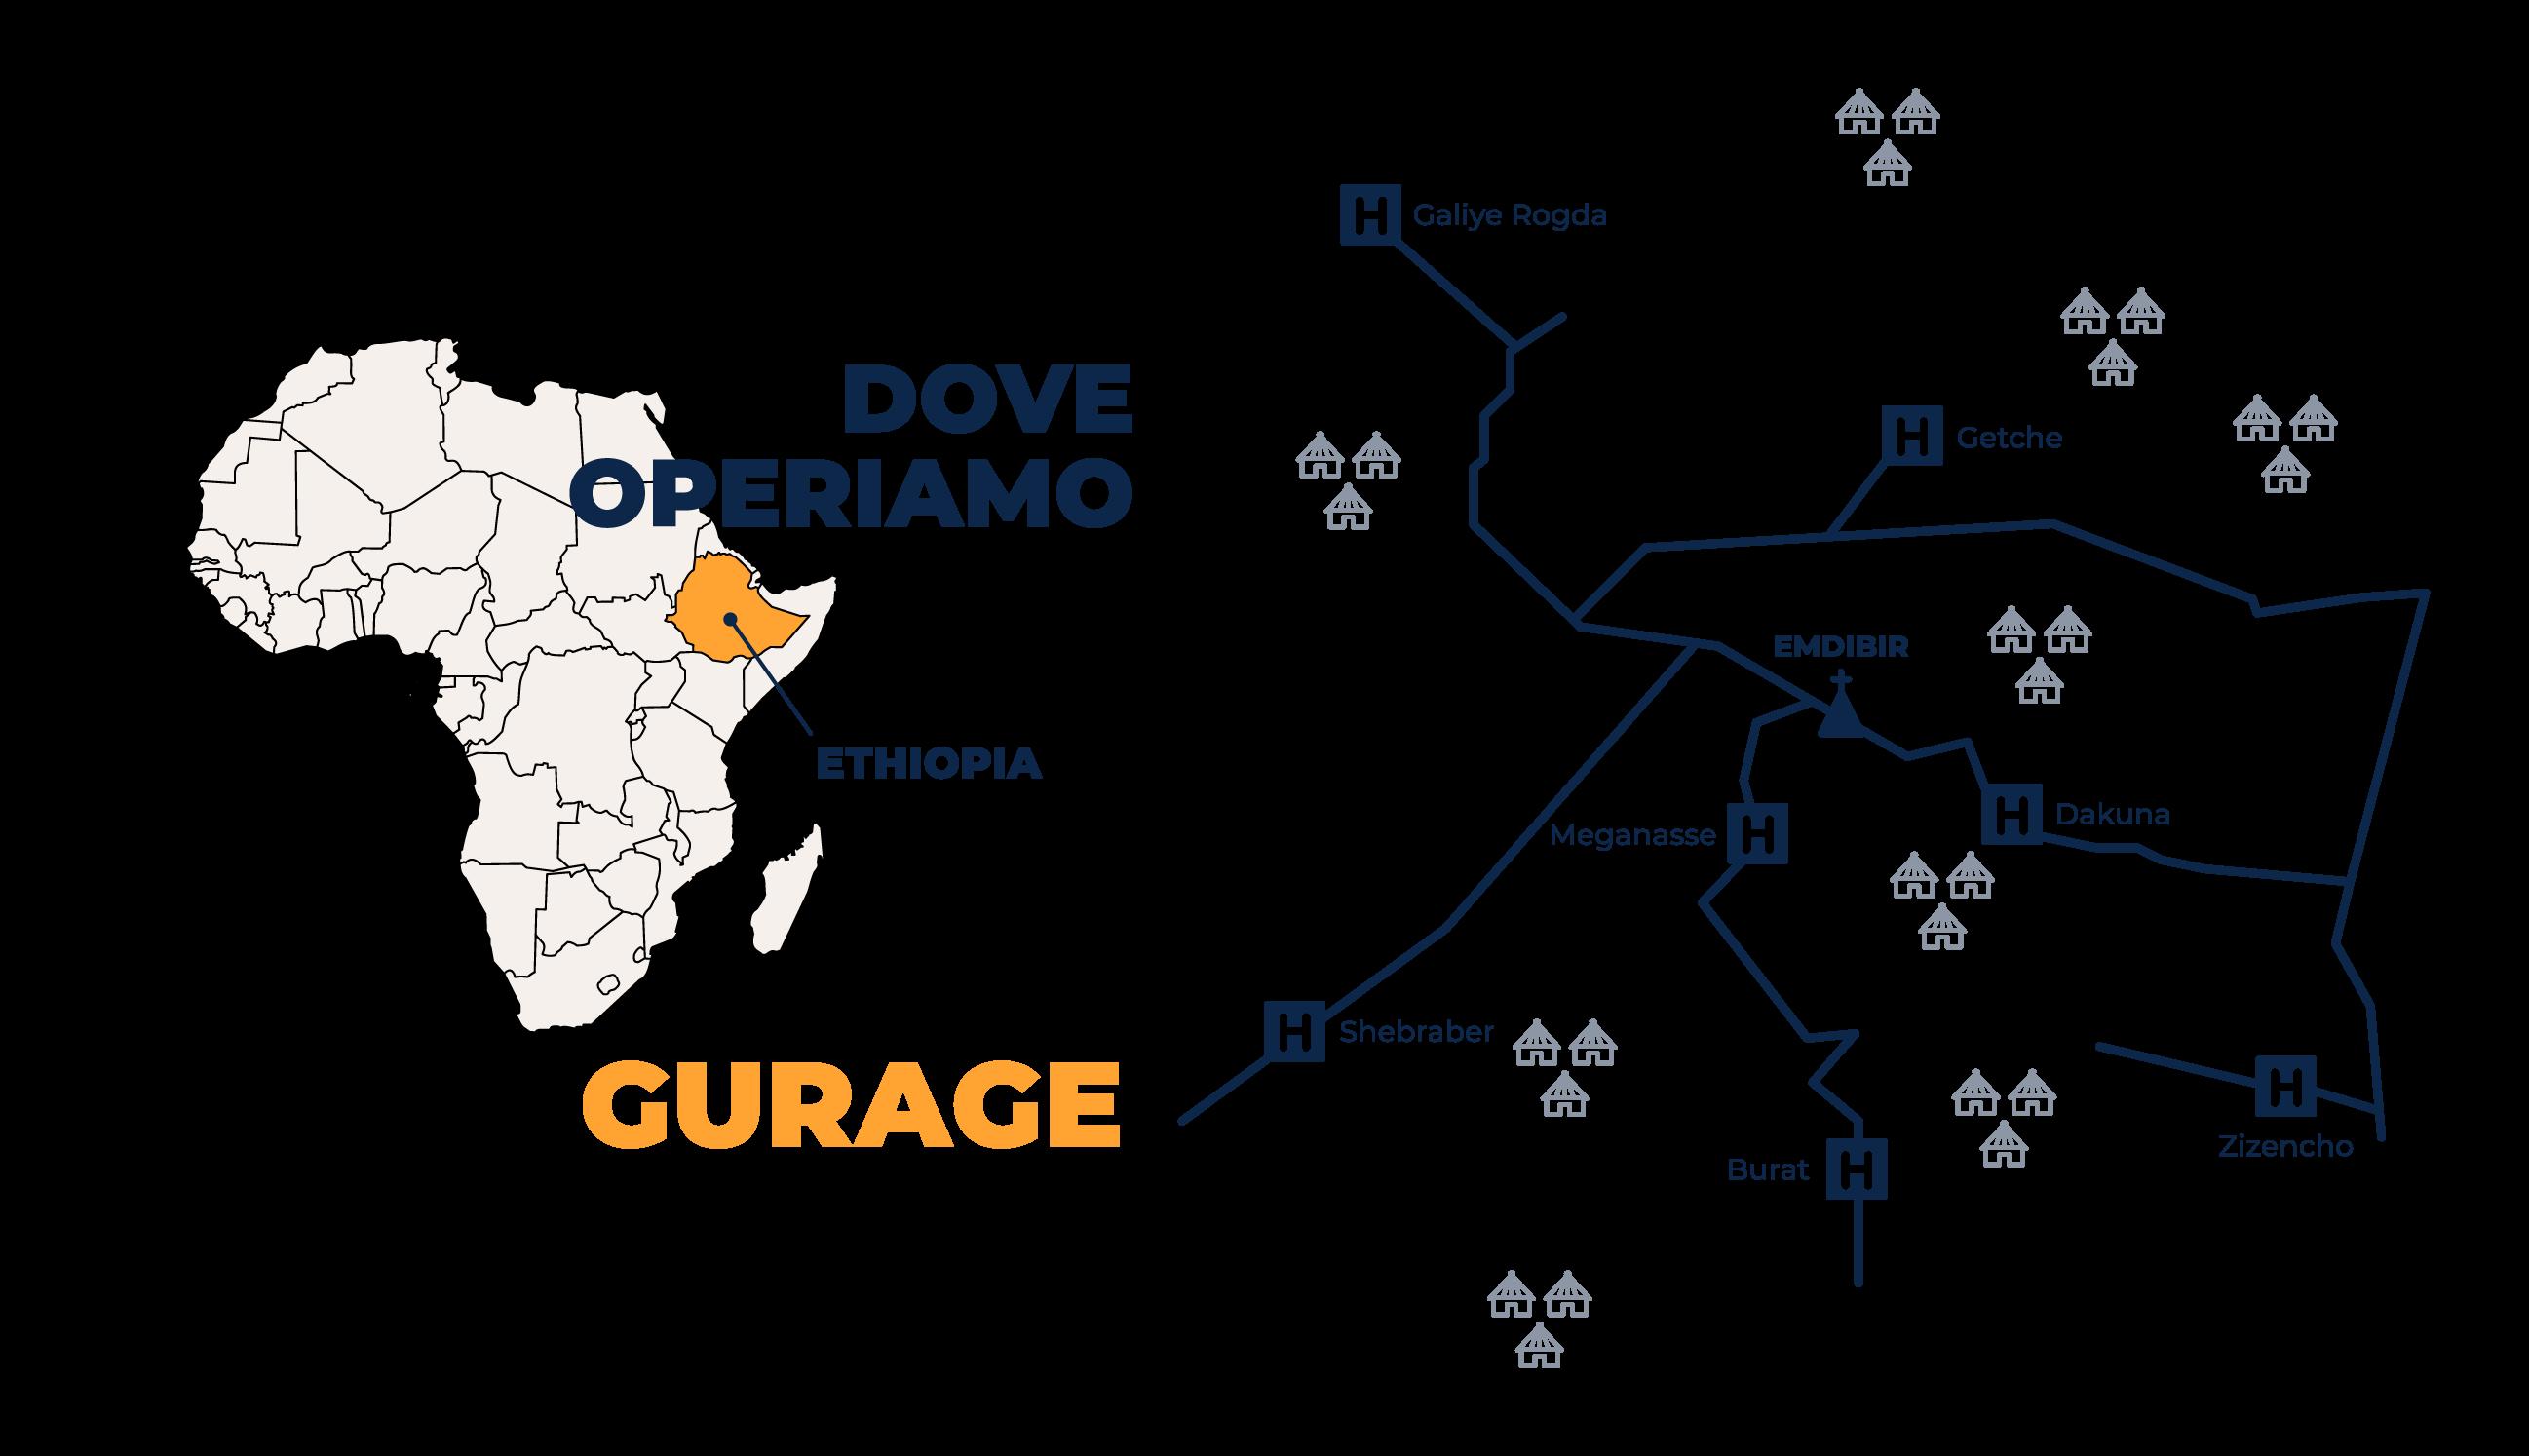 Mappa del Gurage